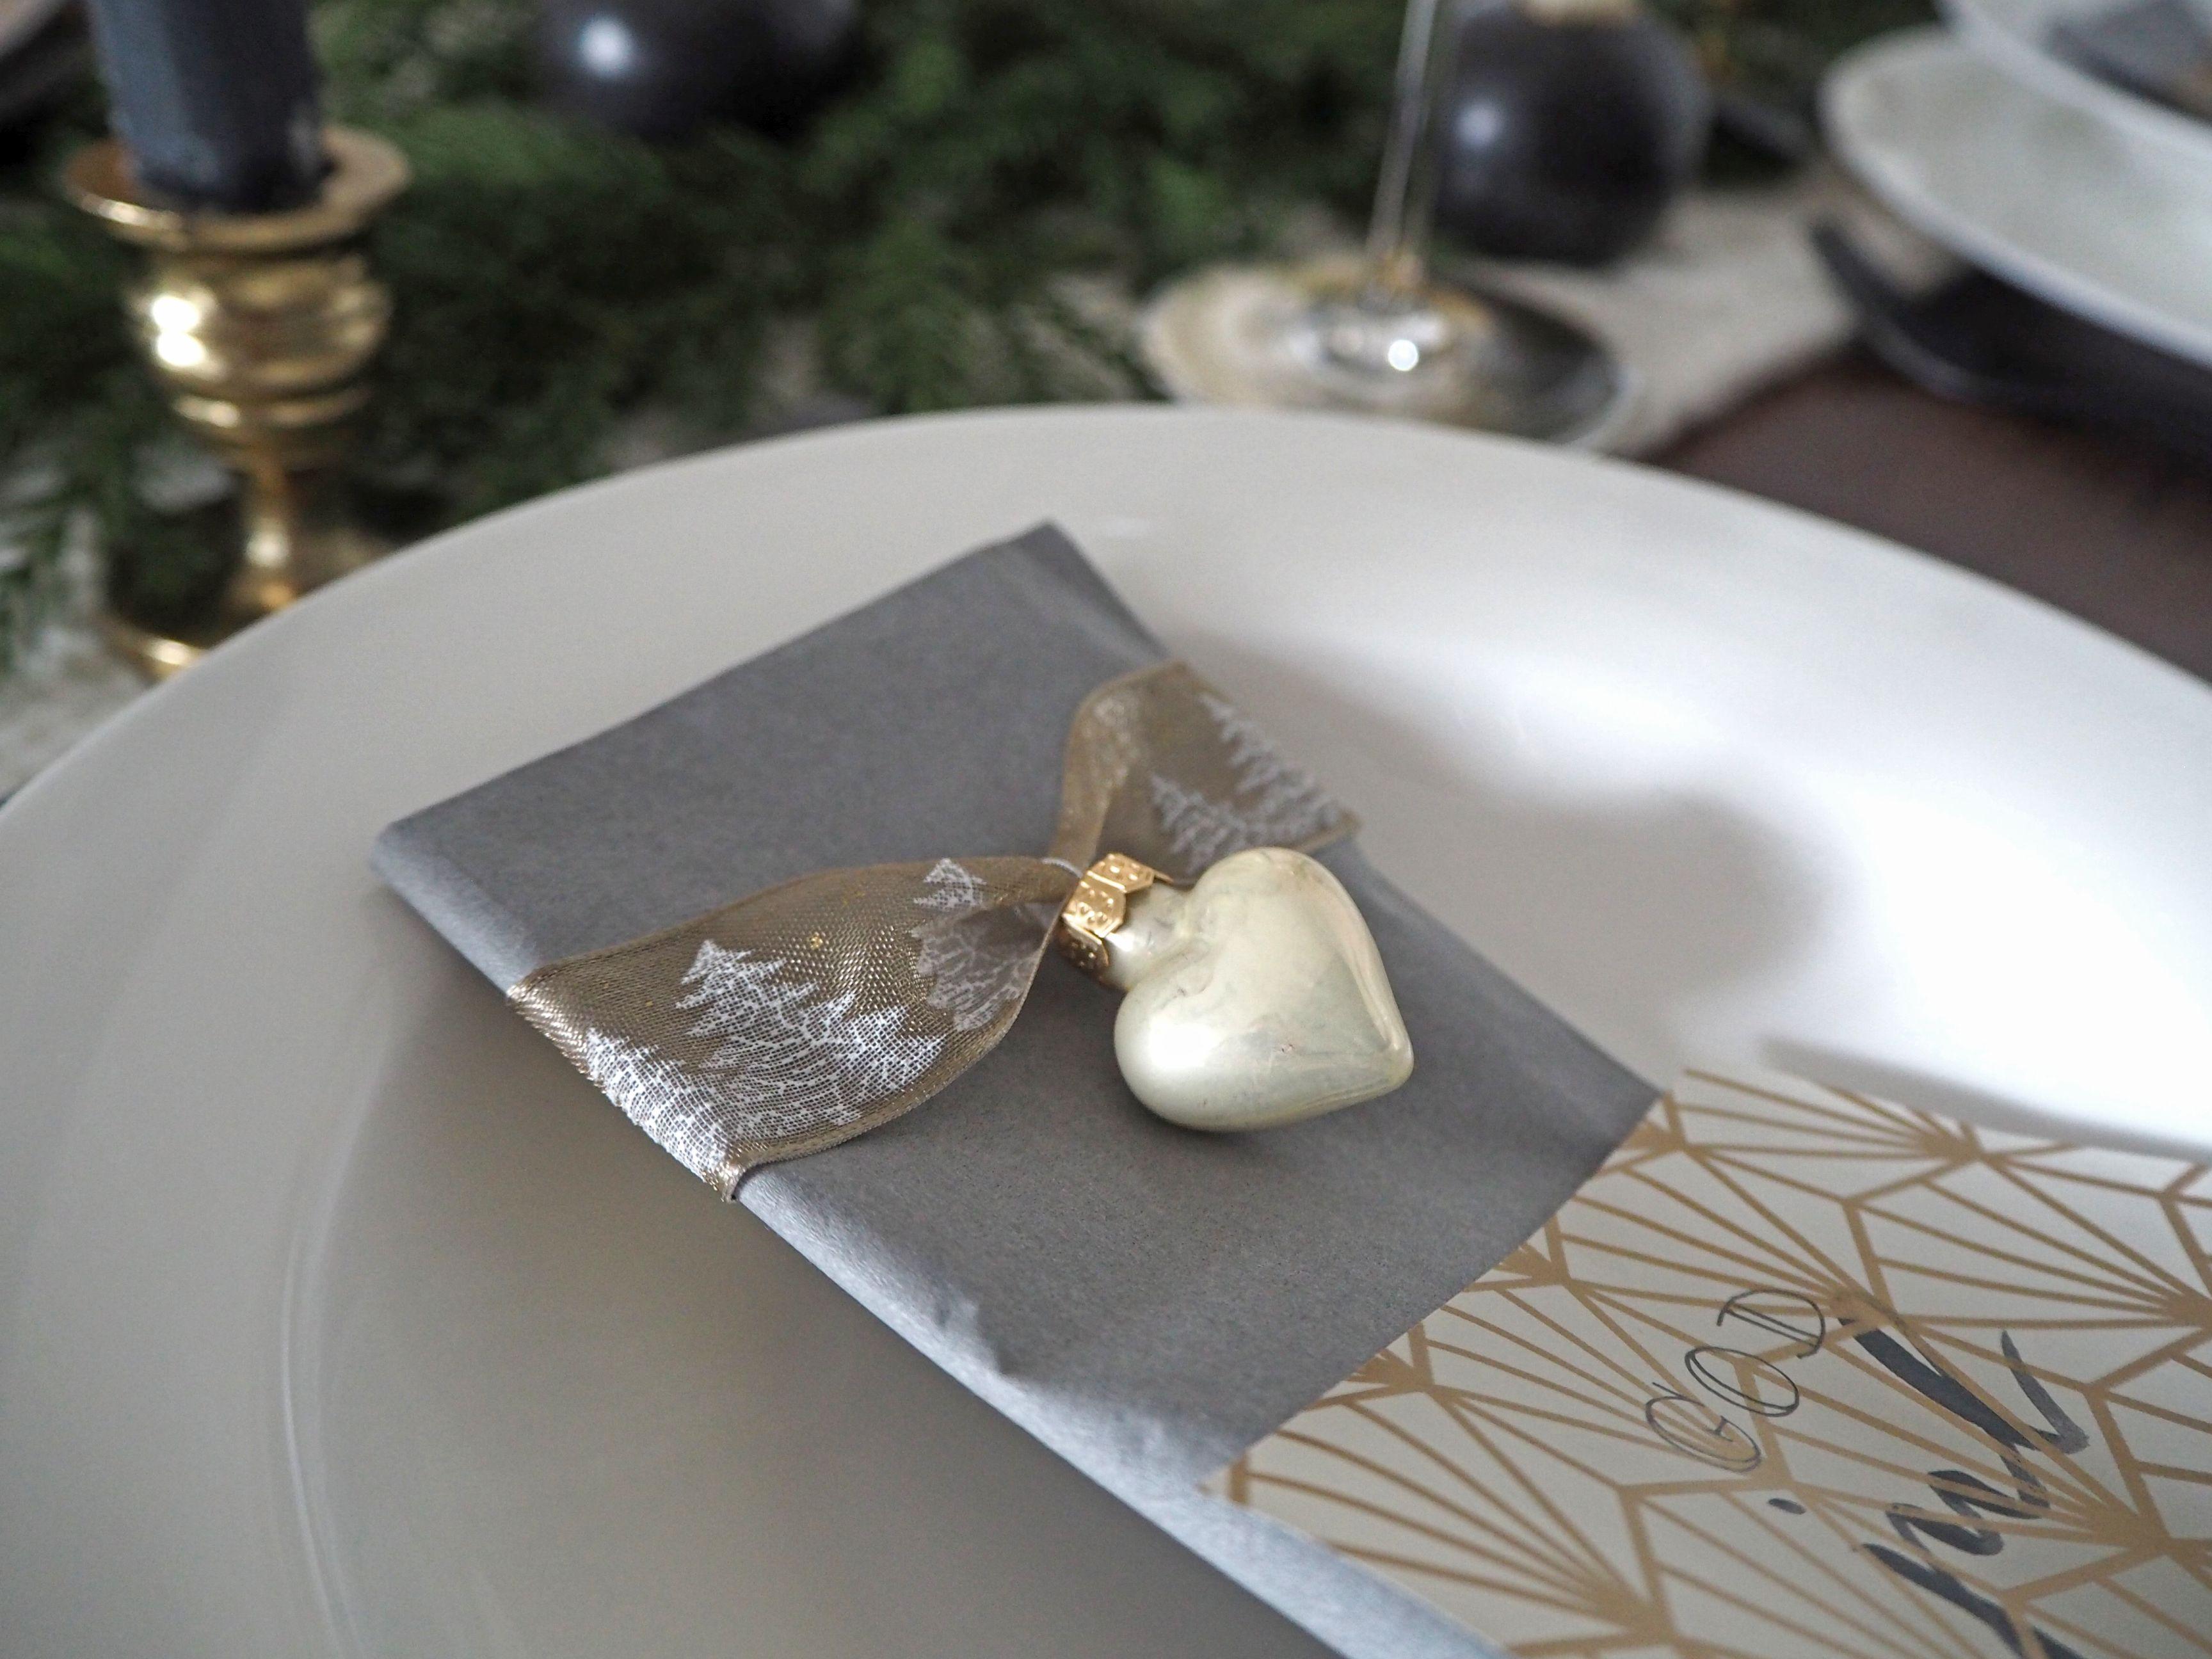 2018-skoen-och-kreativ-interior-tischdeko-festliche-tischdekoration-im-skandi-stil-weihnachten-god-jul-tabledecor (13)